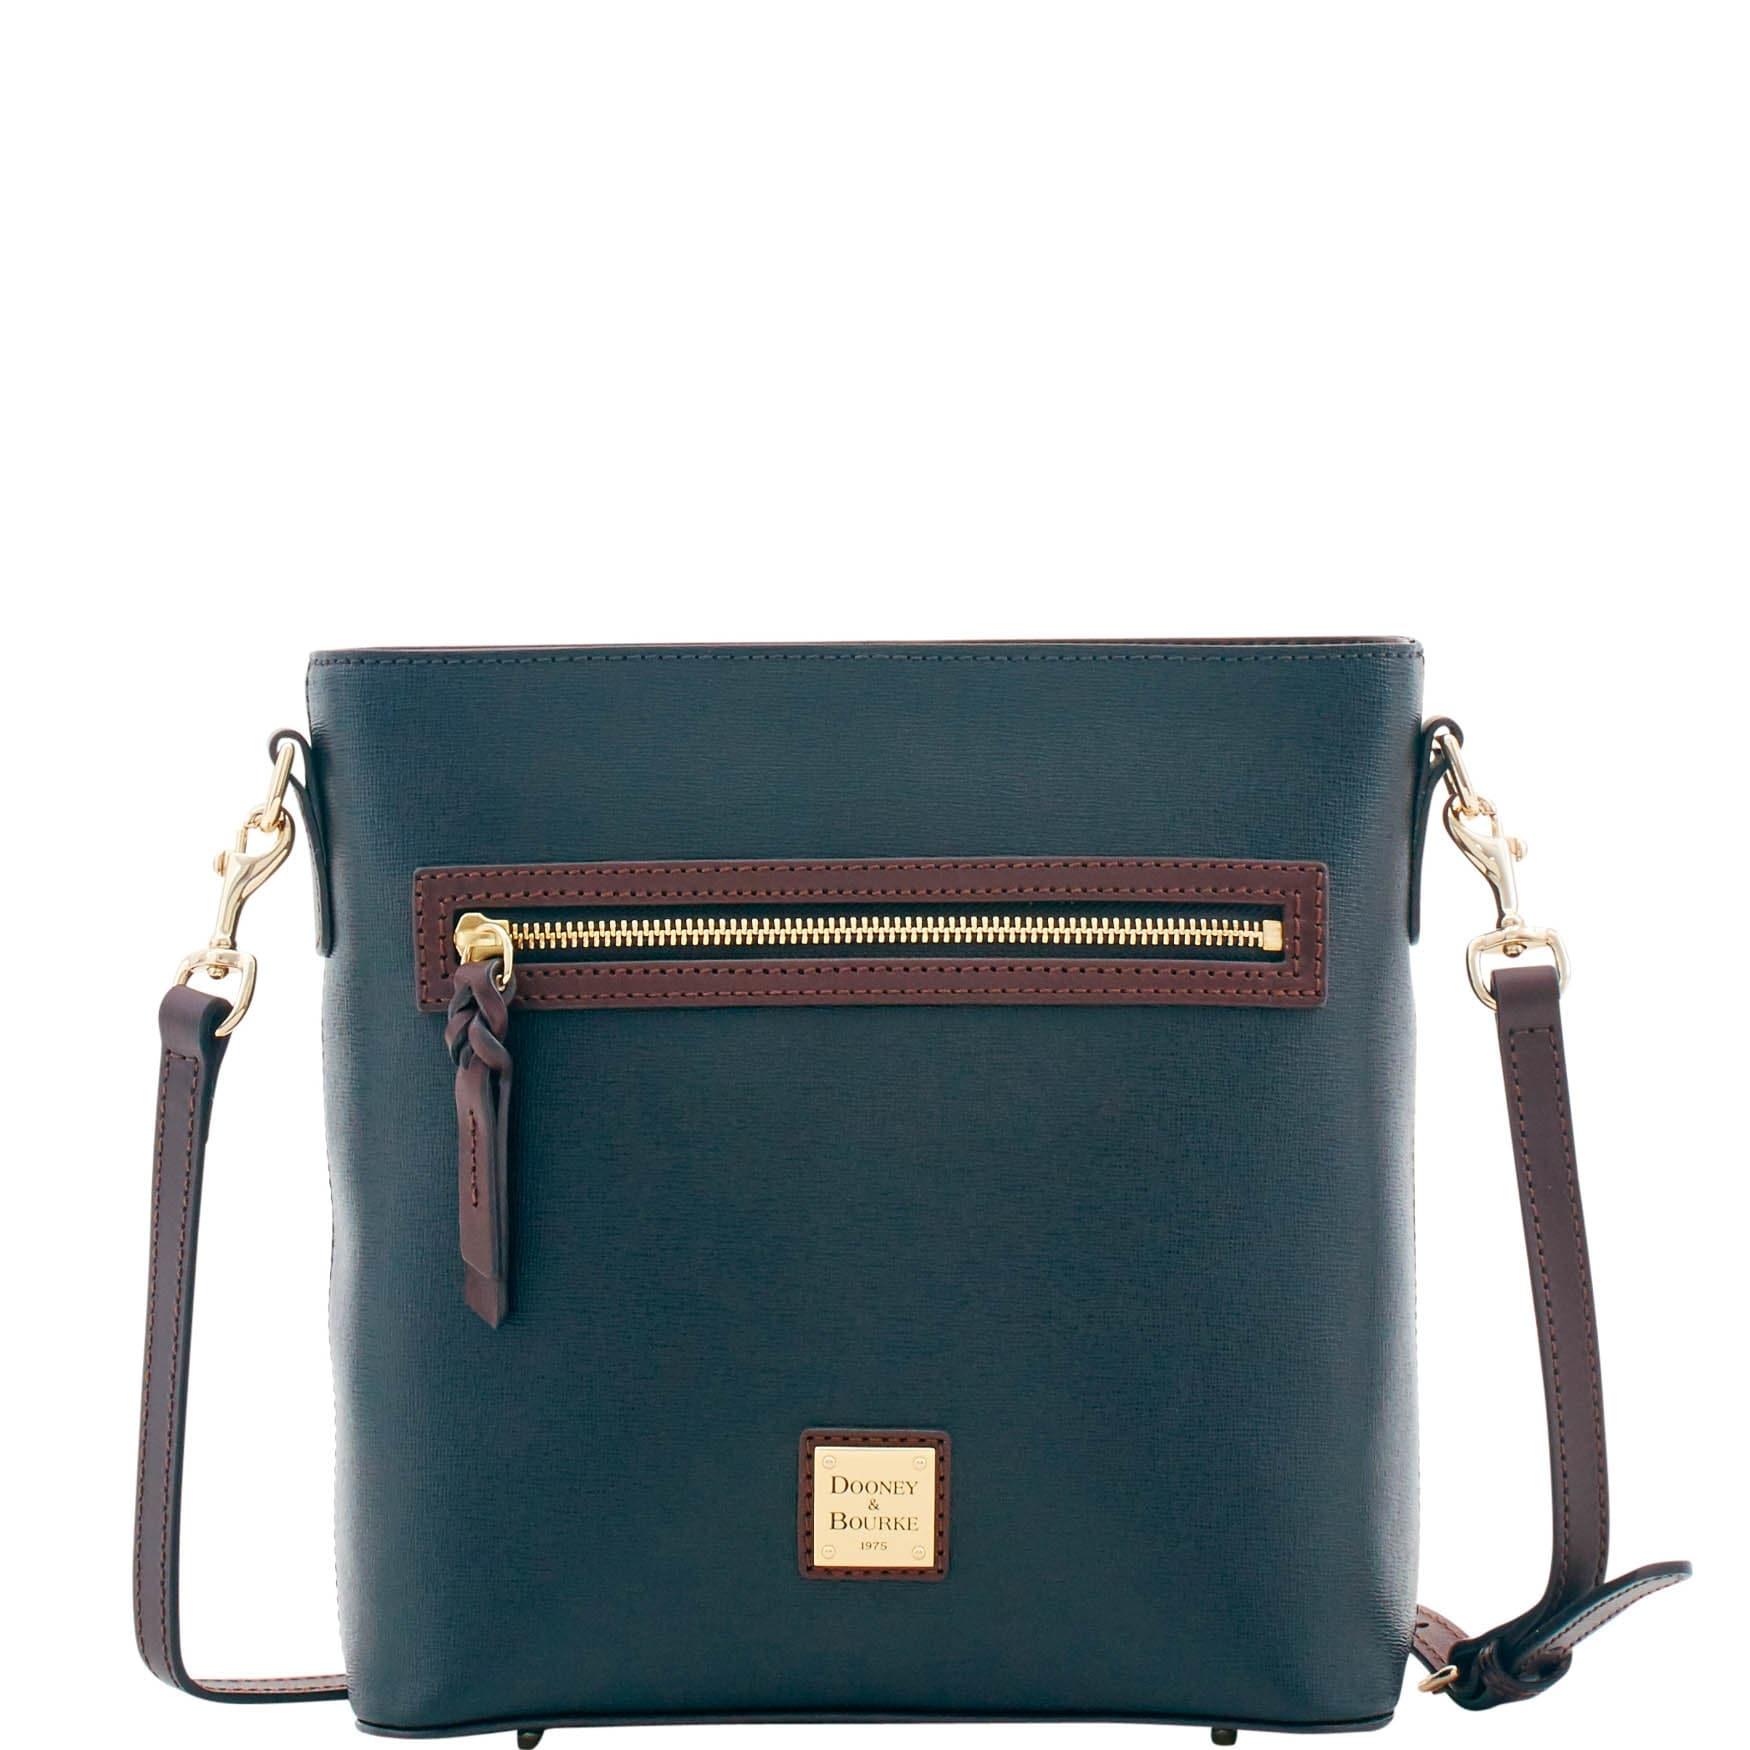 Buy Dooney Bourke Crossbody Mini Bags Online At Overstock Our